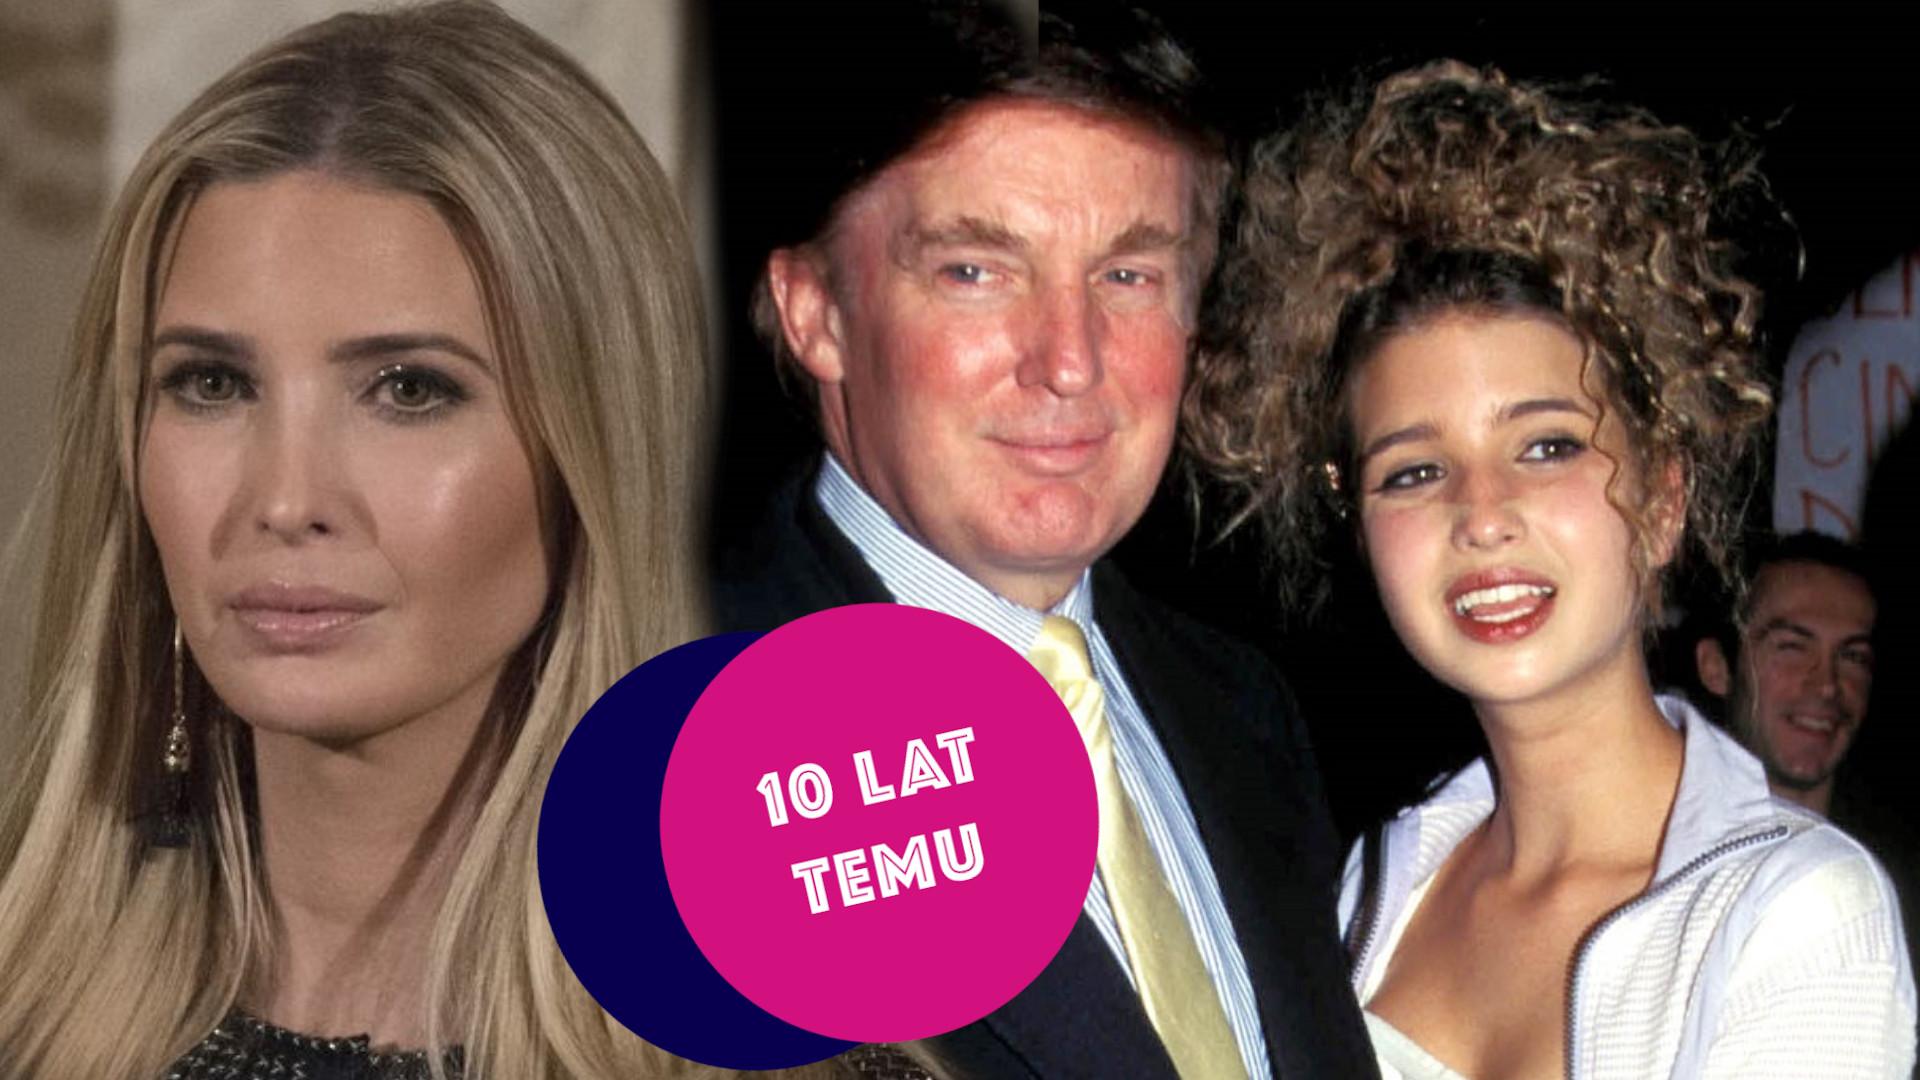 Ivanka Trump niegdyś kopią Paris Hilton. Dzisiaj poważnym politykiem [Co działo się w show-biznesie 10 lat temu]